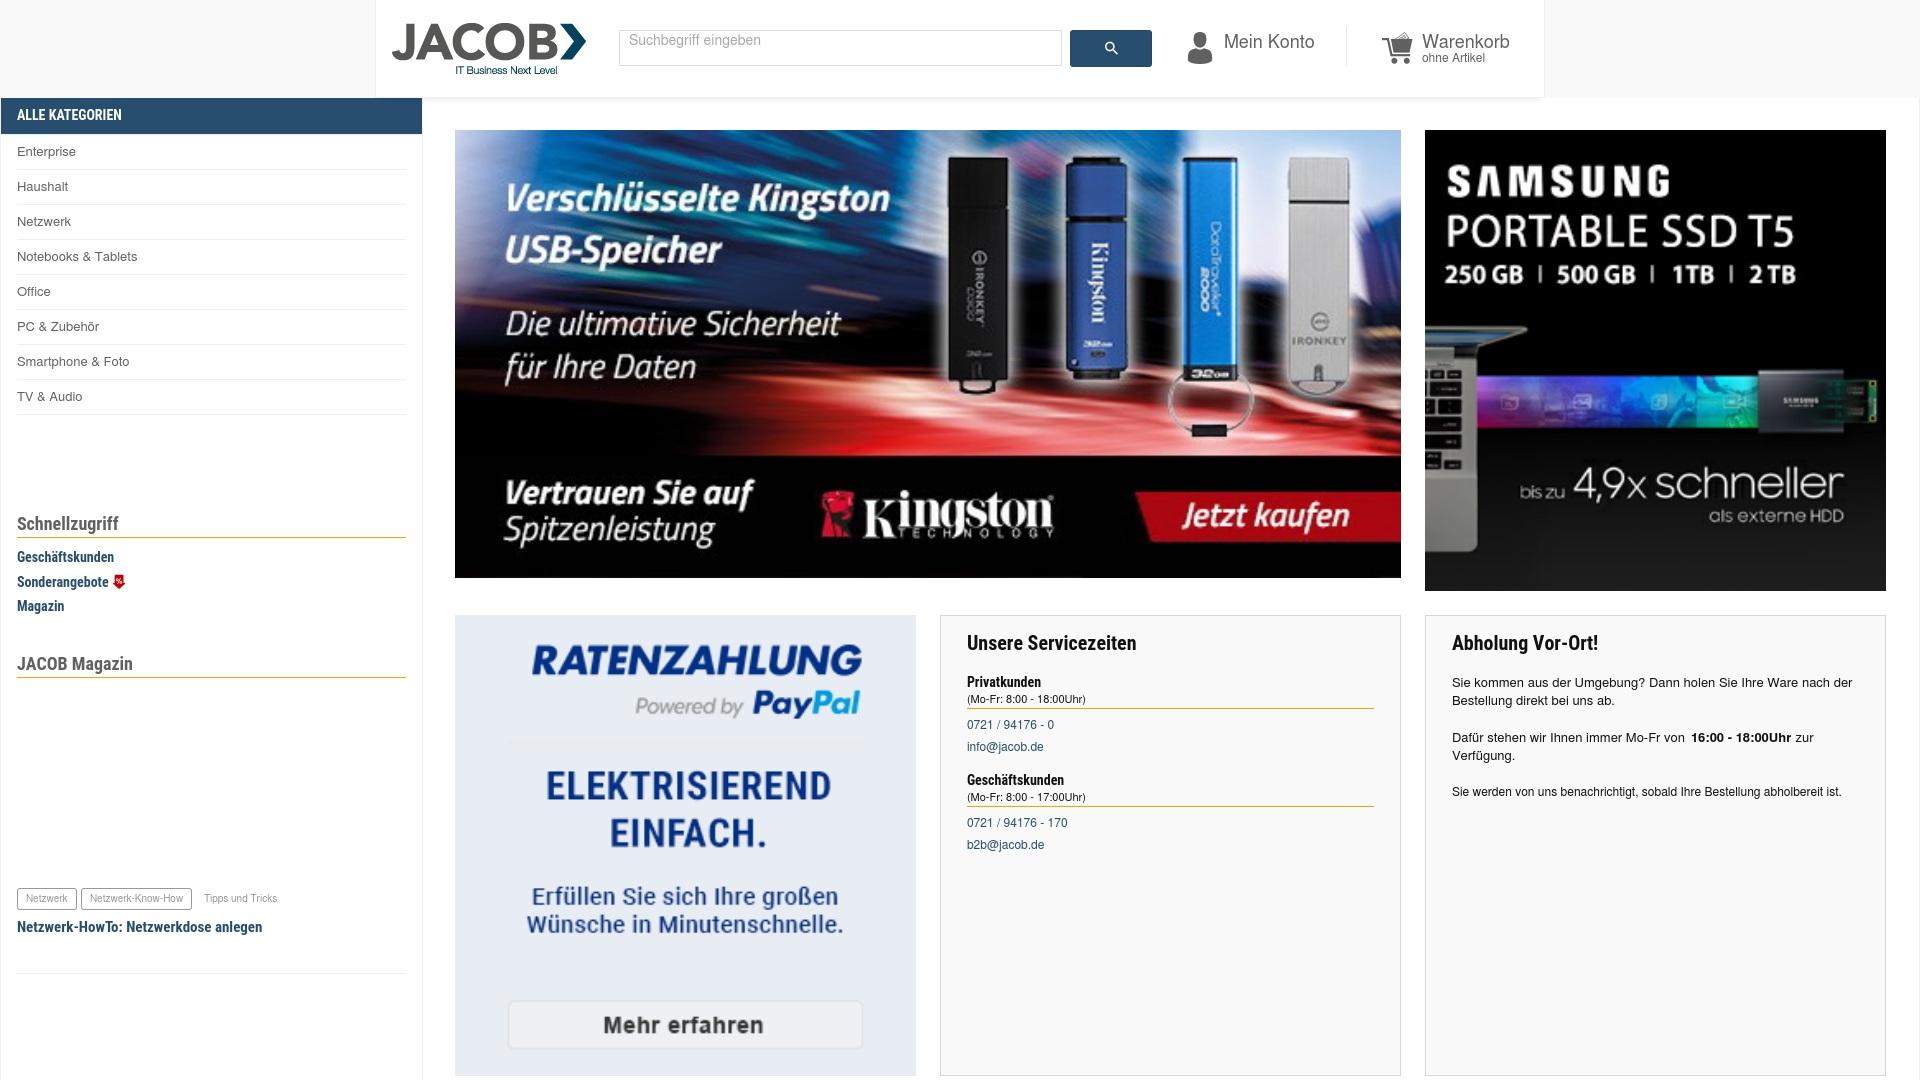 Gutschein für Jacob-computer: Rabatte für  Jacob-computer sichern